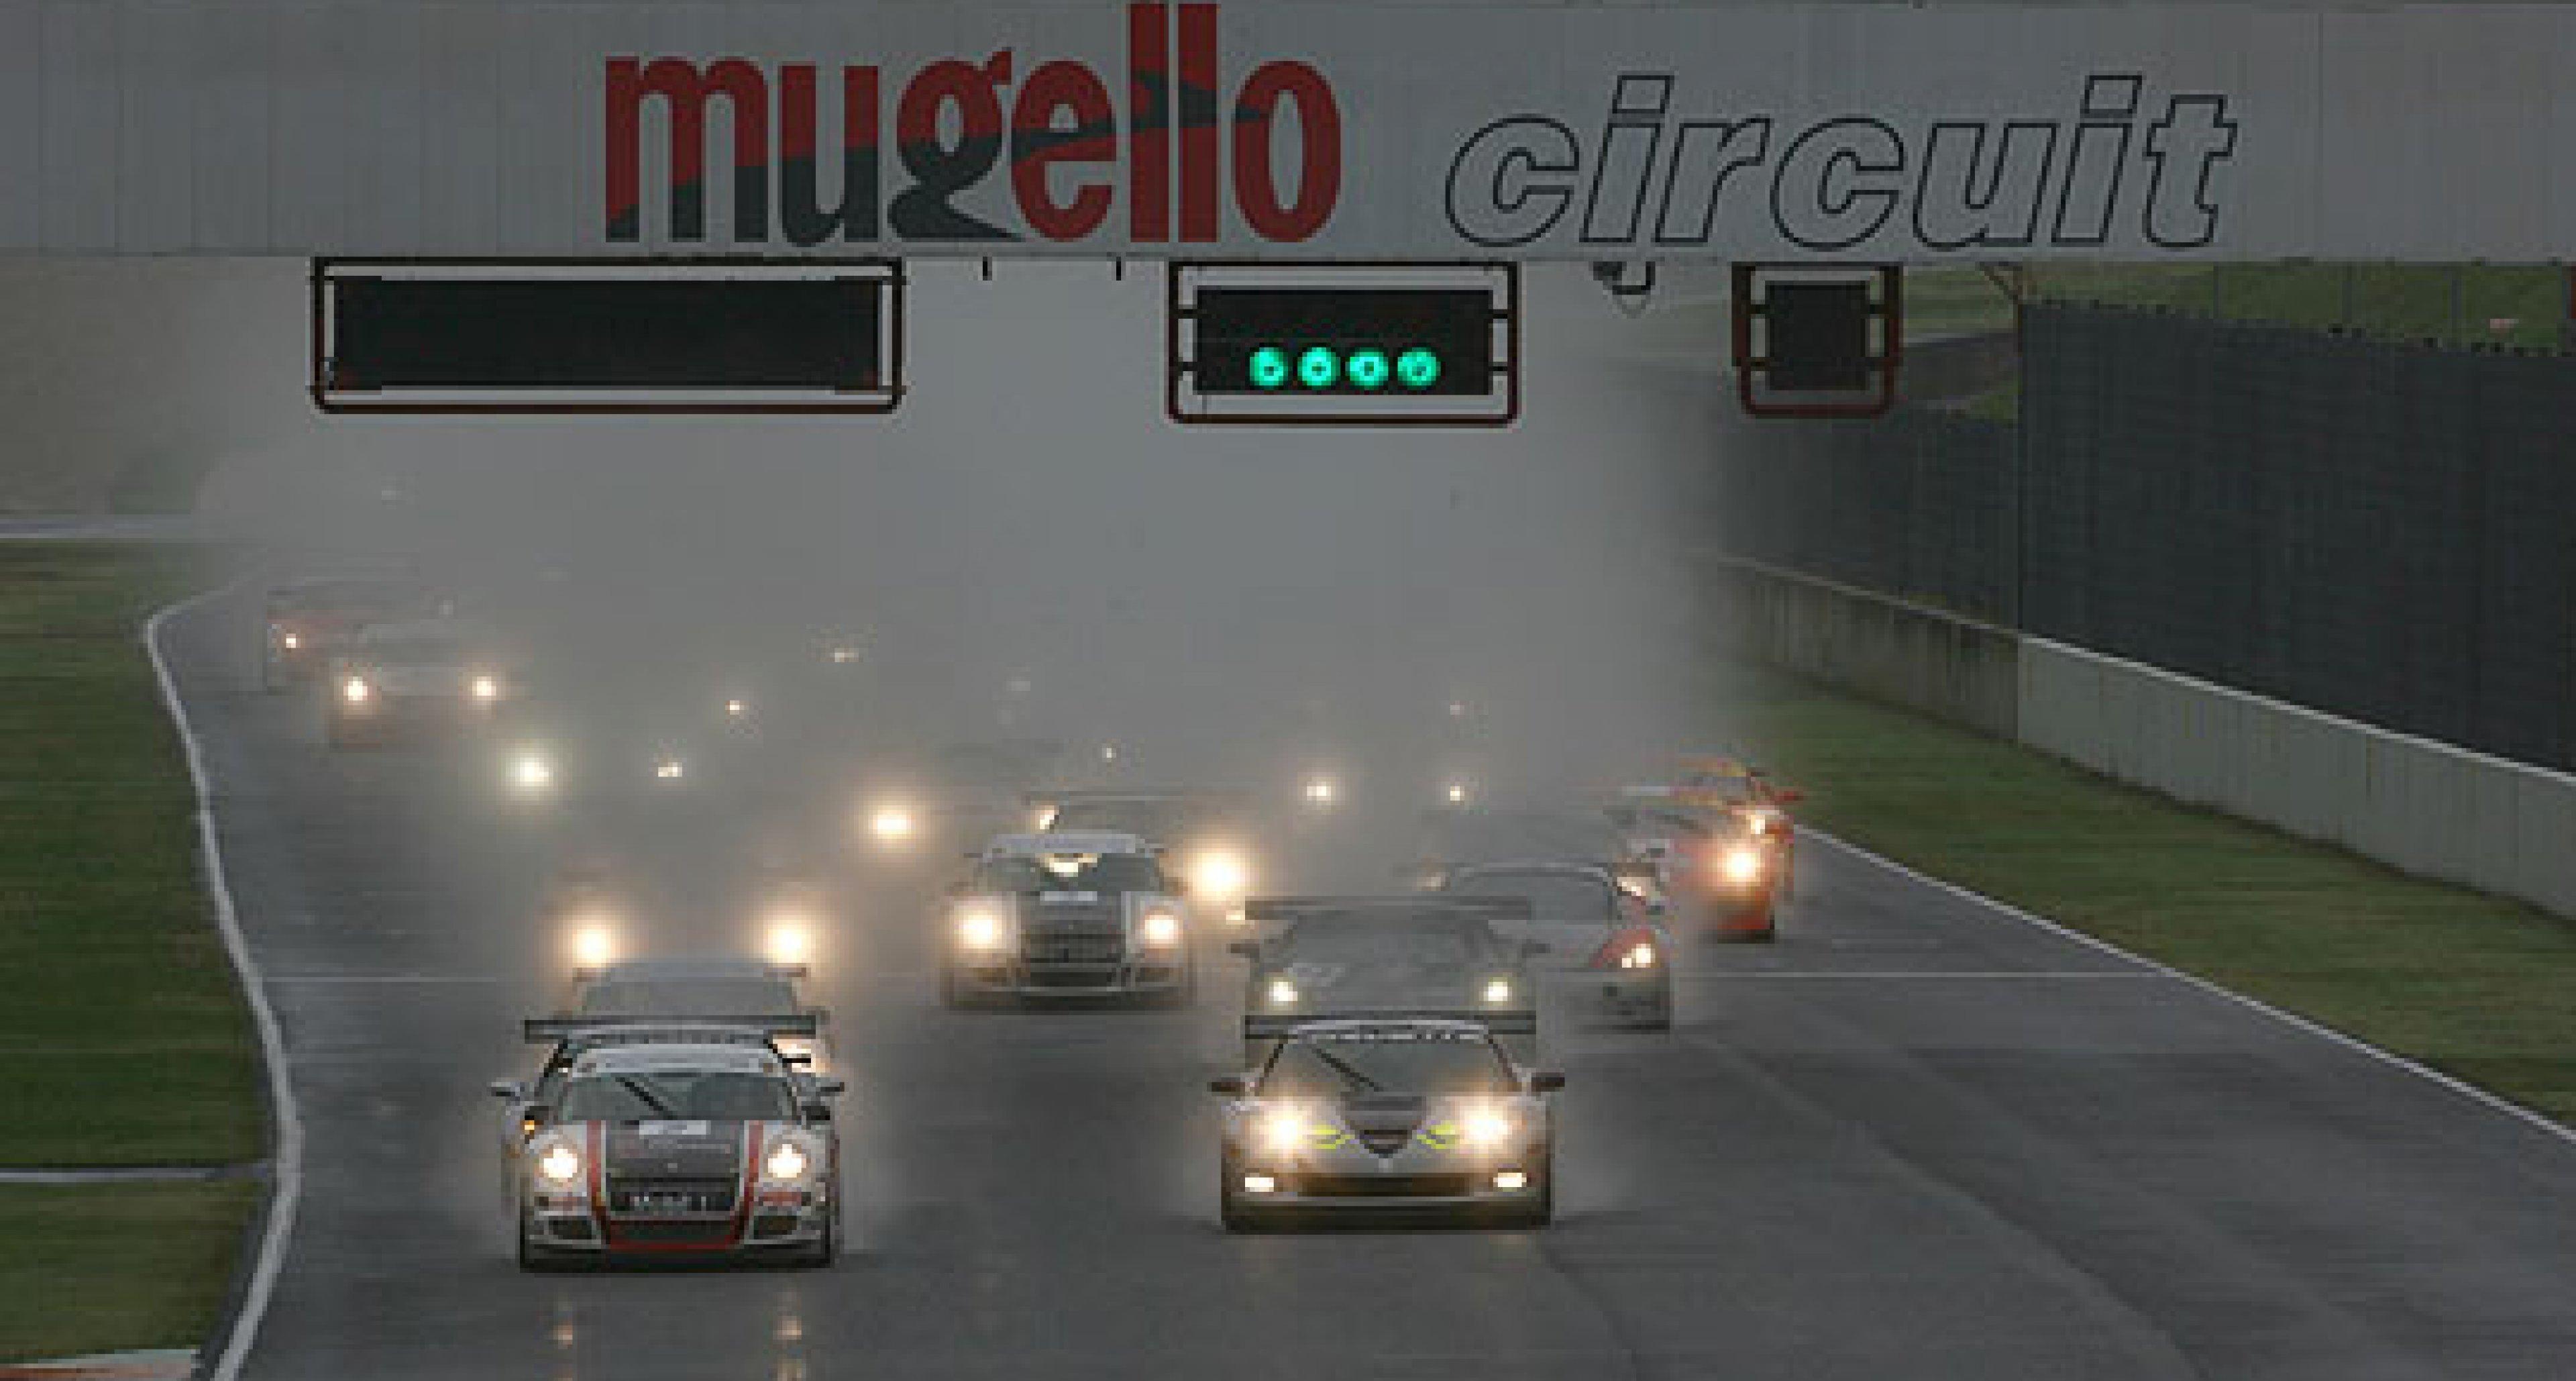 Aston Martin take FIA GT win at Mugello